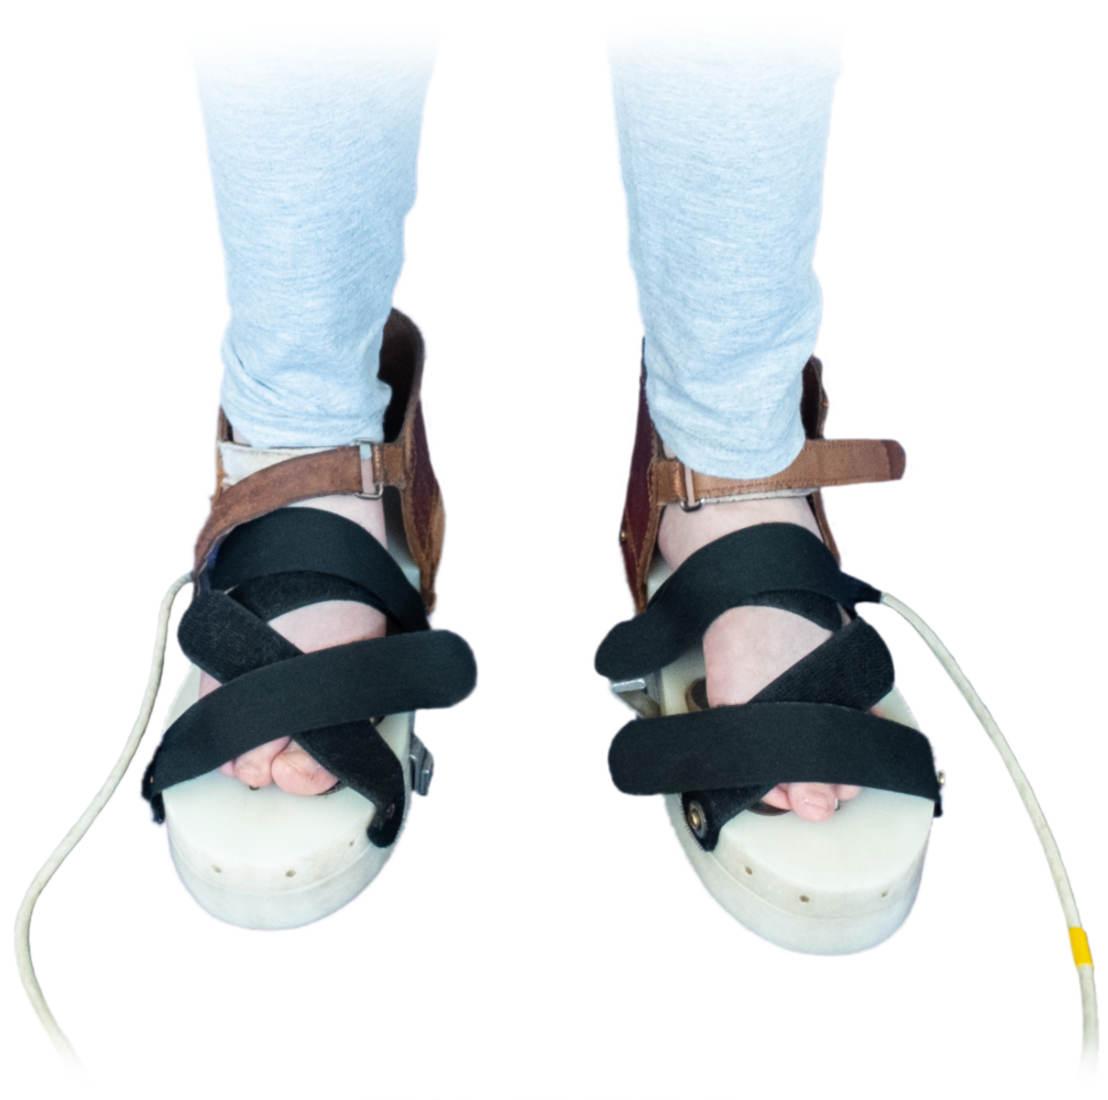 Euromed Centrum Rehabilitacji - buty wibrostymulacyjne